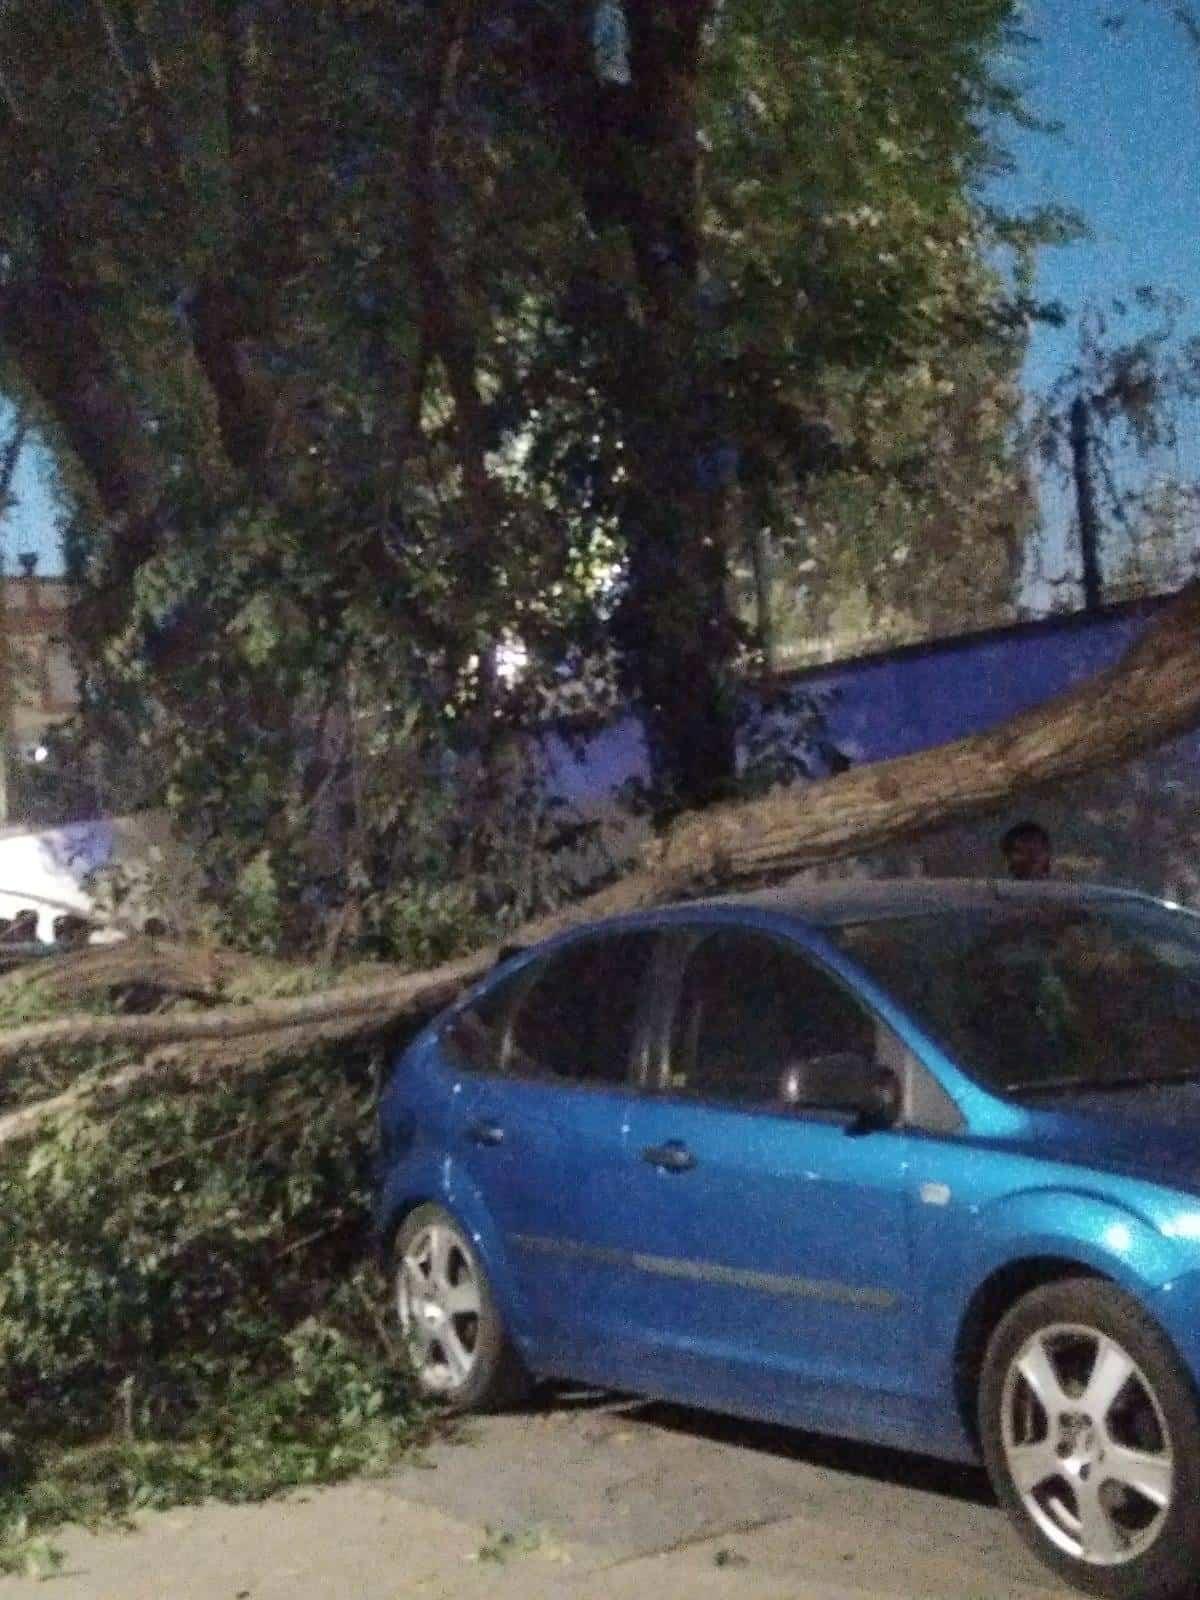 caida de arboles por fuerte viento en herencia - Fuertes rachas de viento provocan la caída de troncos y ramas